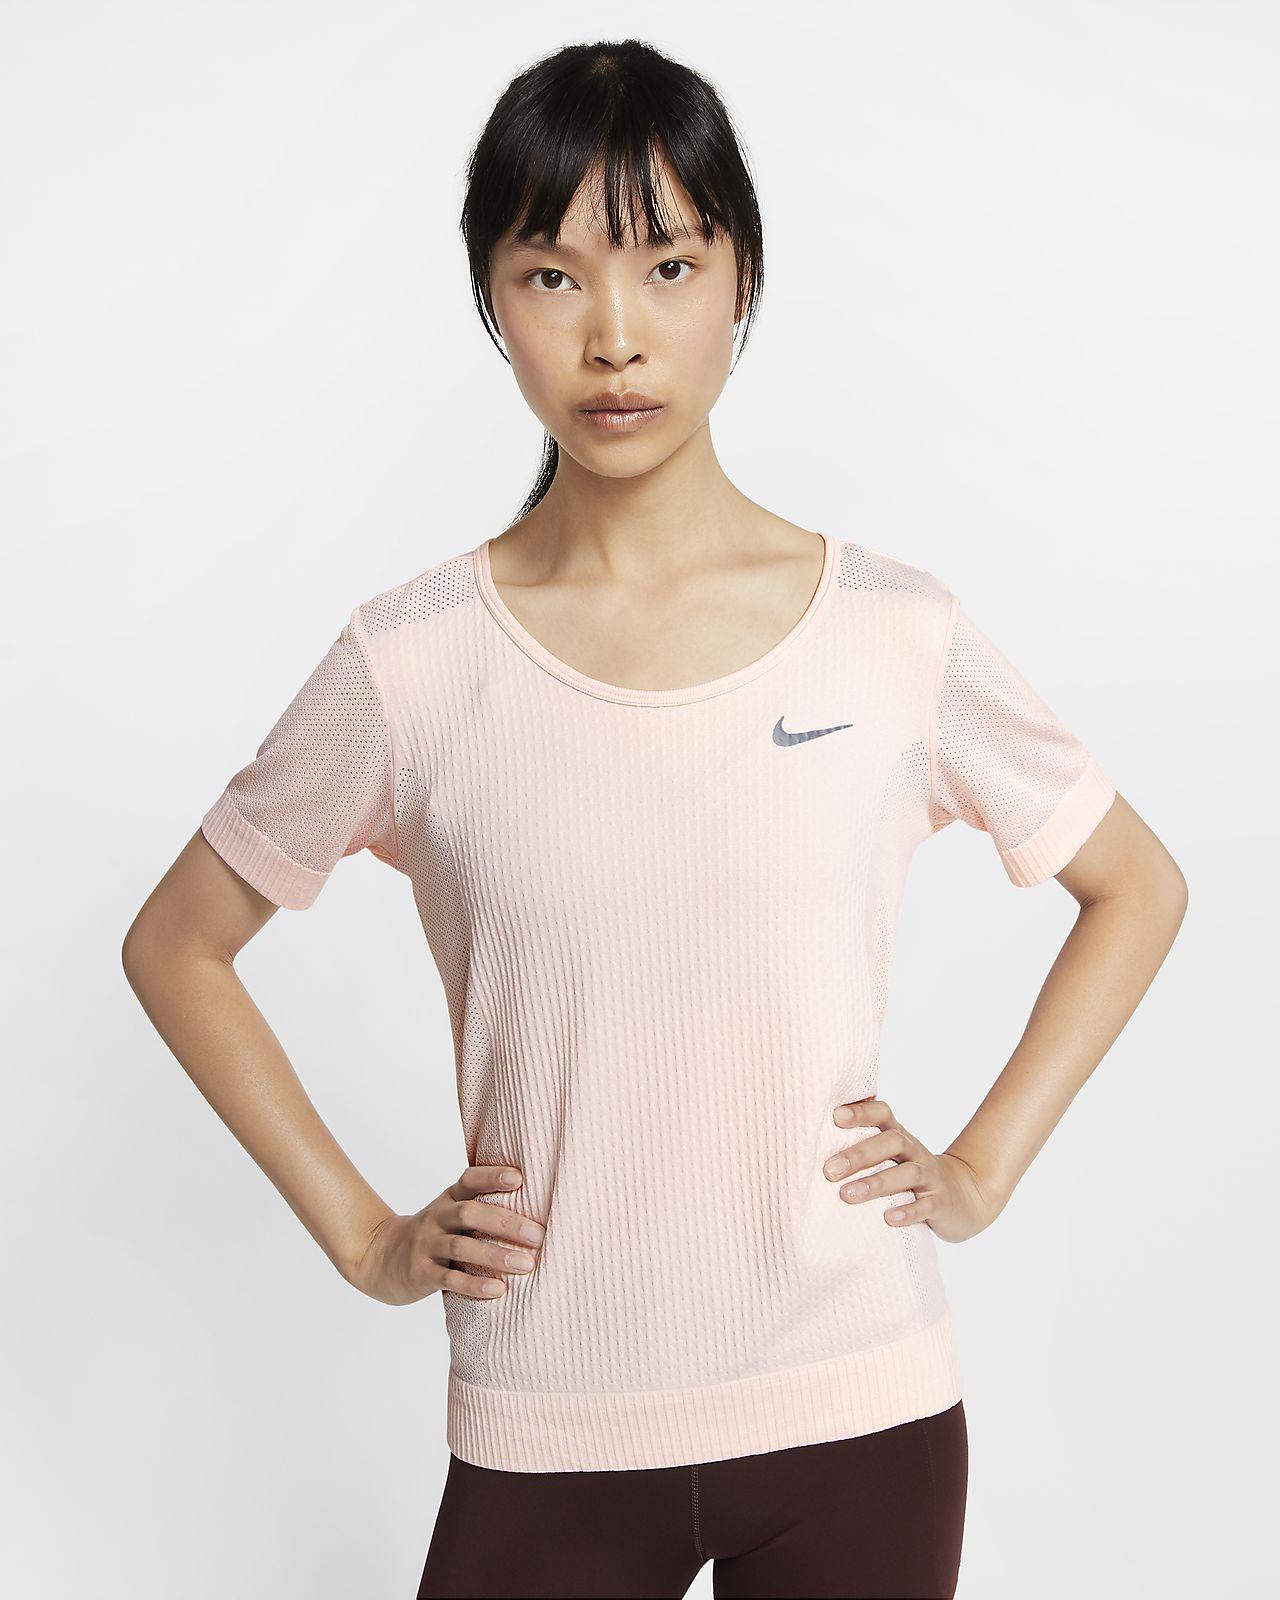 Damska koszulka z krótkim rękawem do biegania Nike Infinite